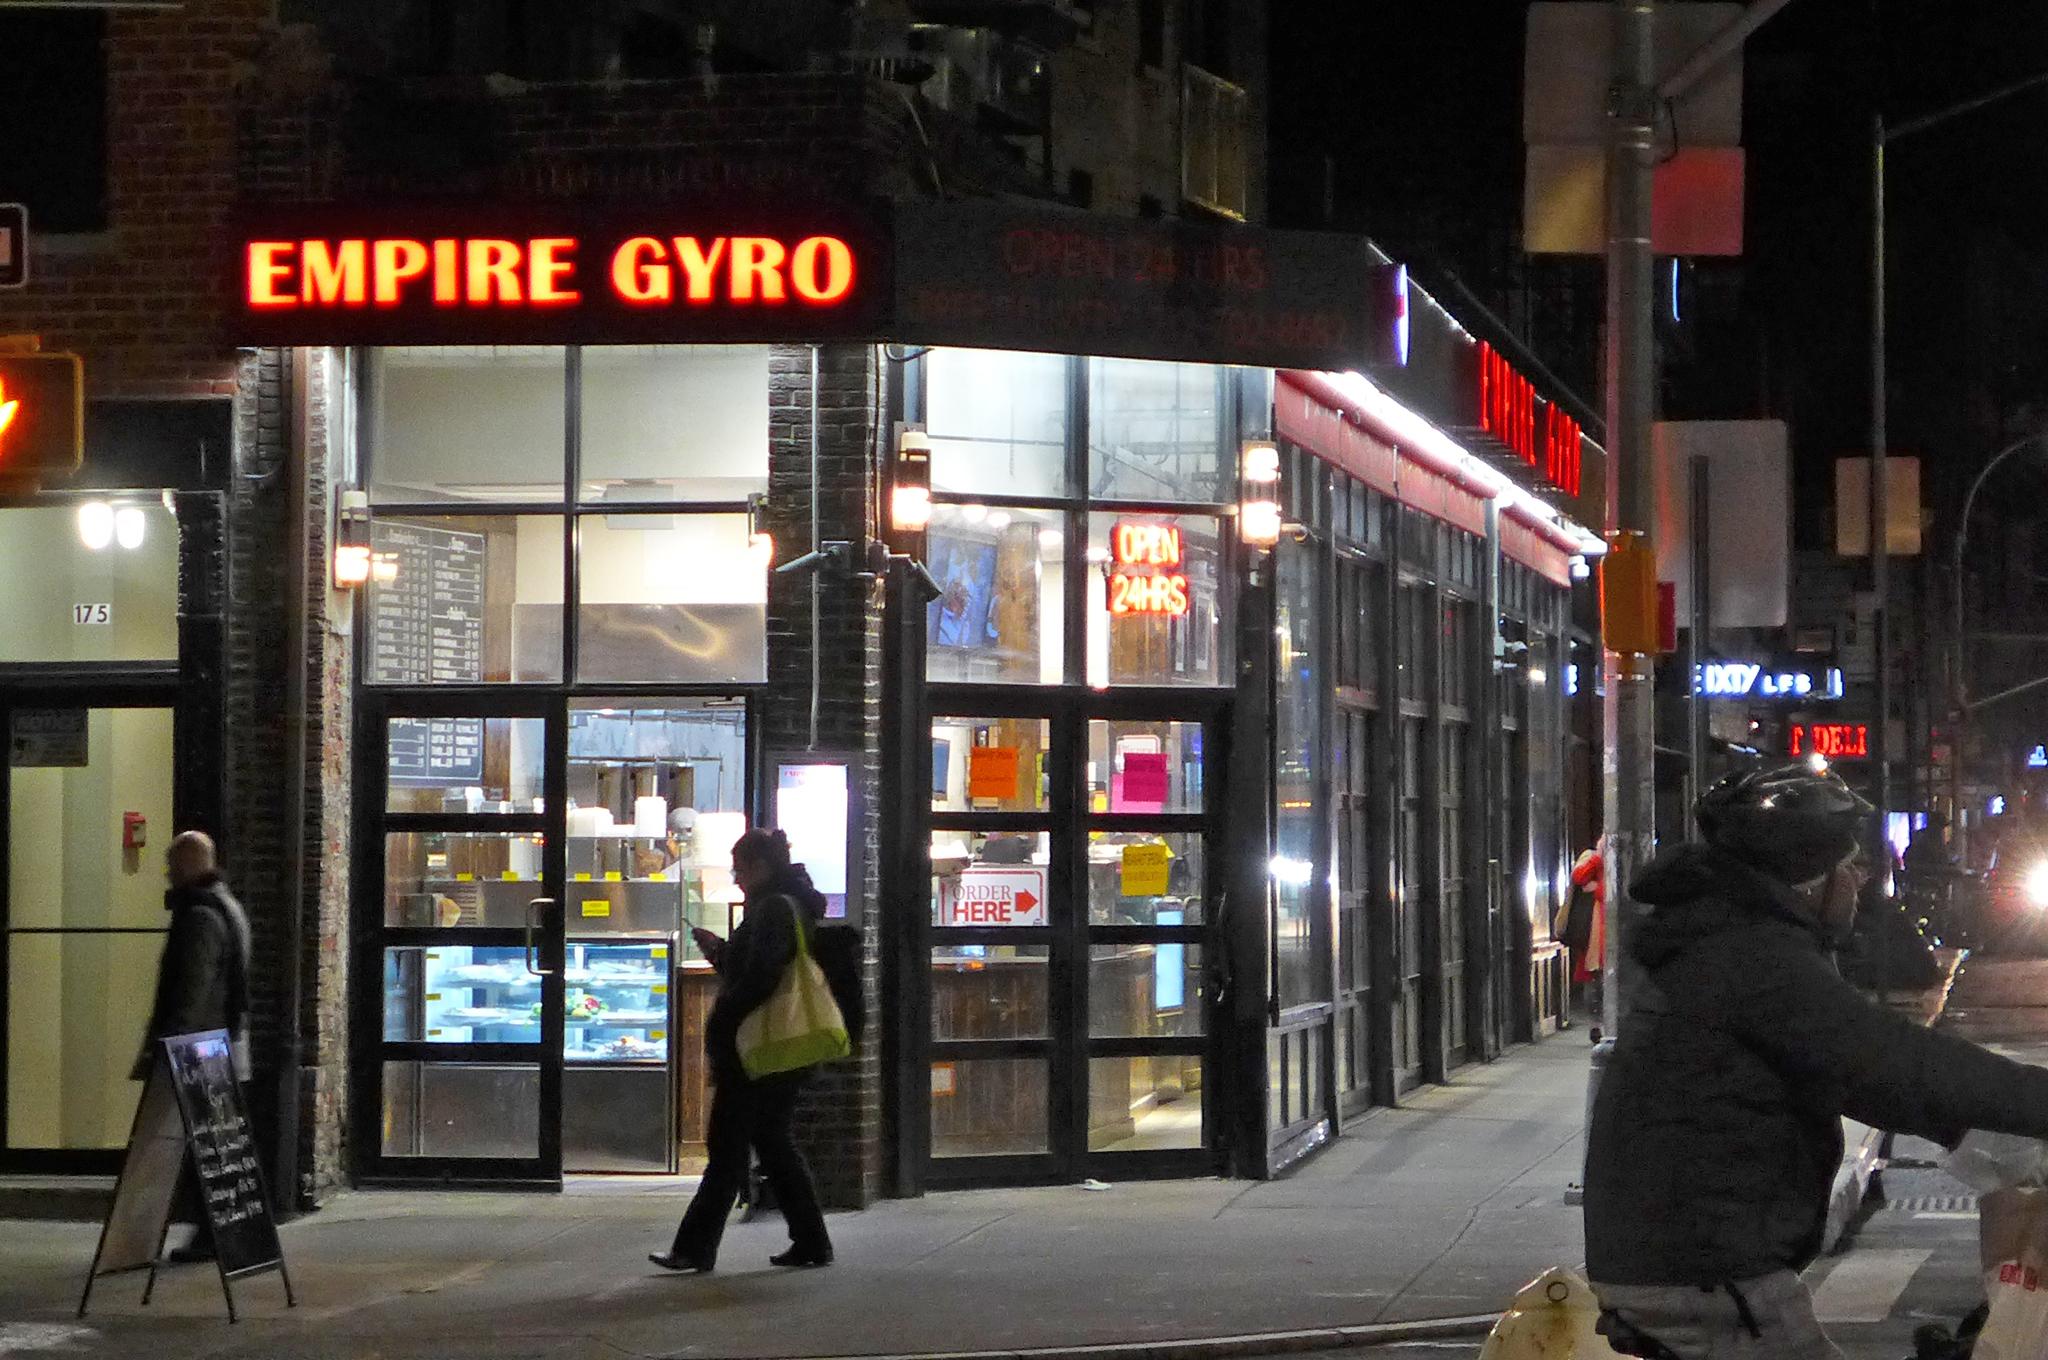 Empire Gyro